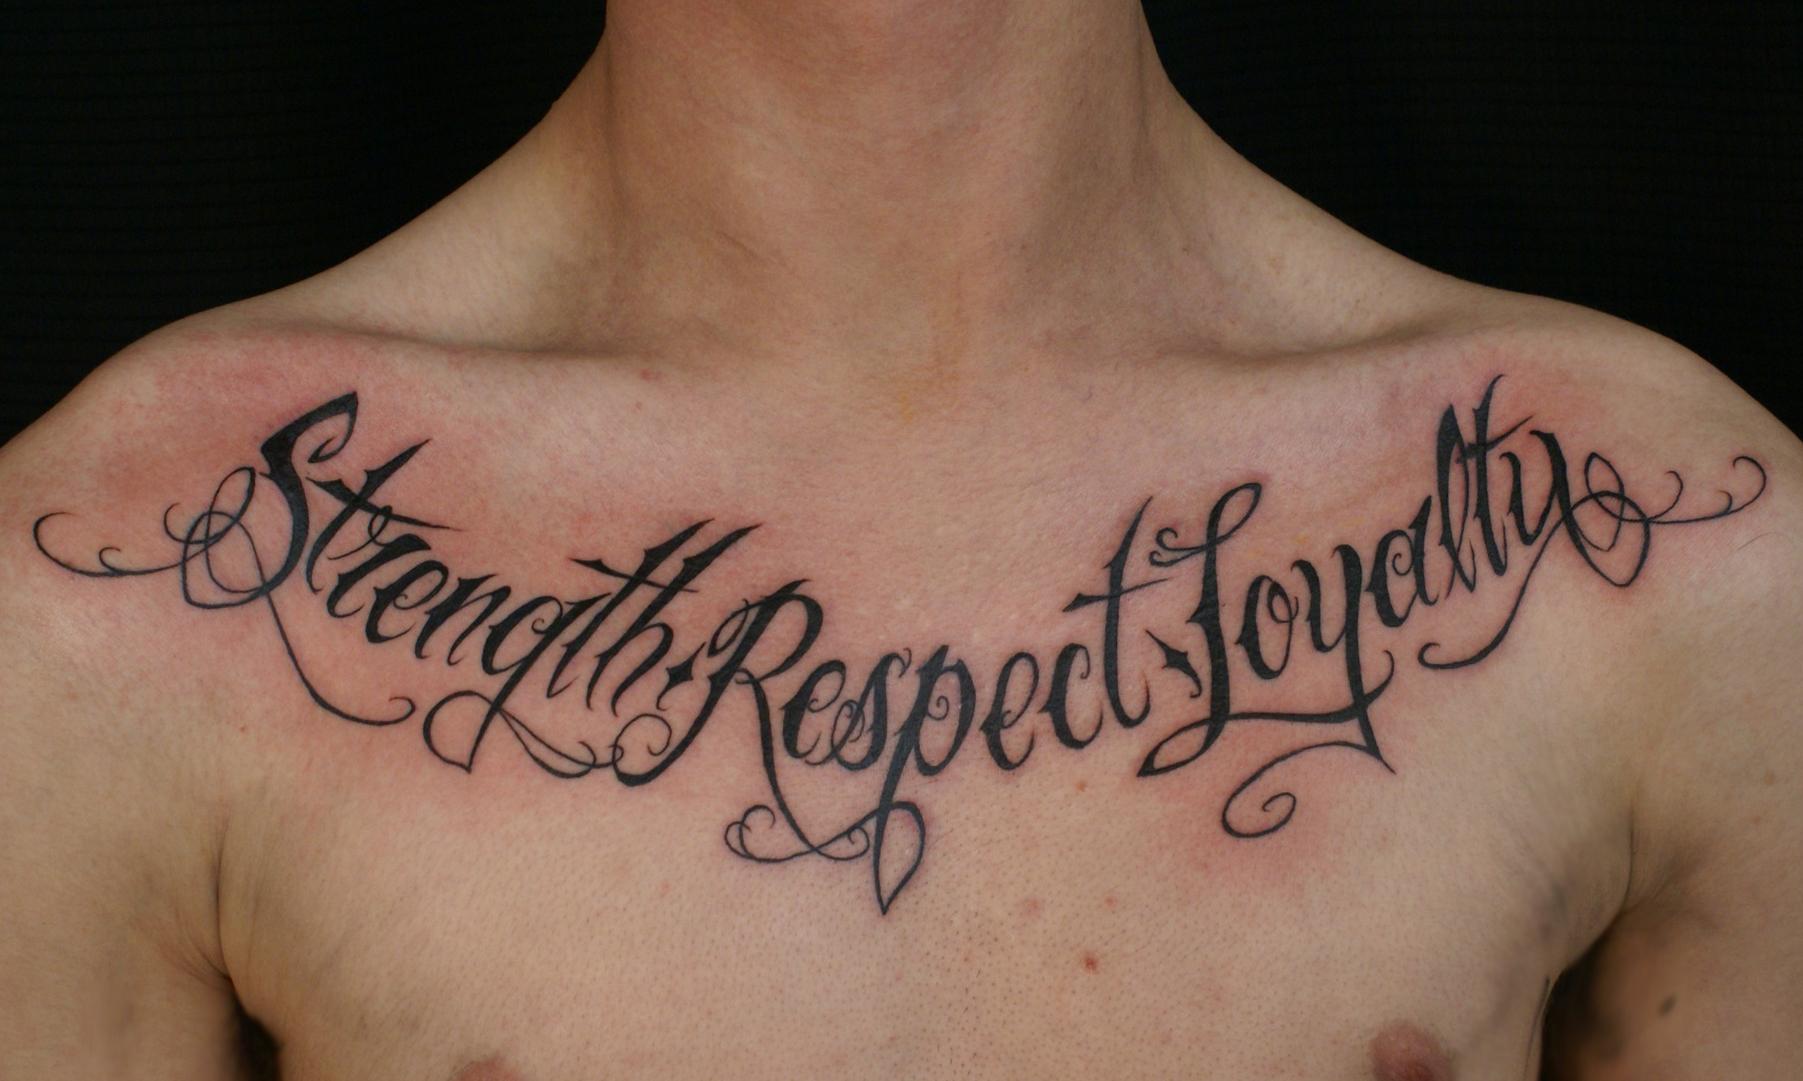 Chest tattoo tariq sabur for Chest tattoo writing